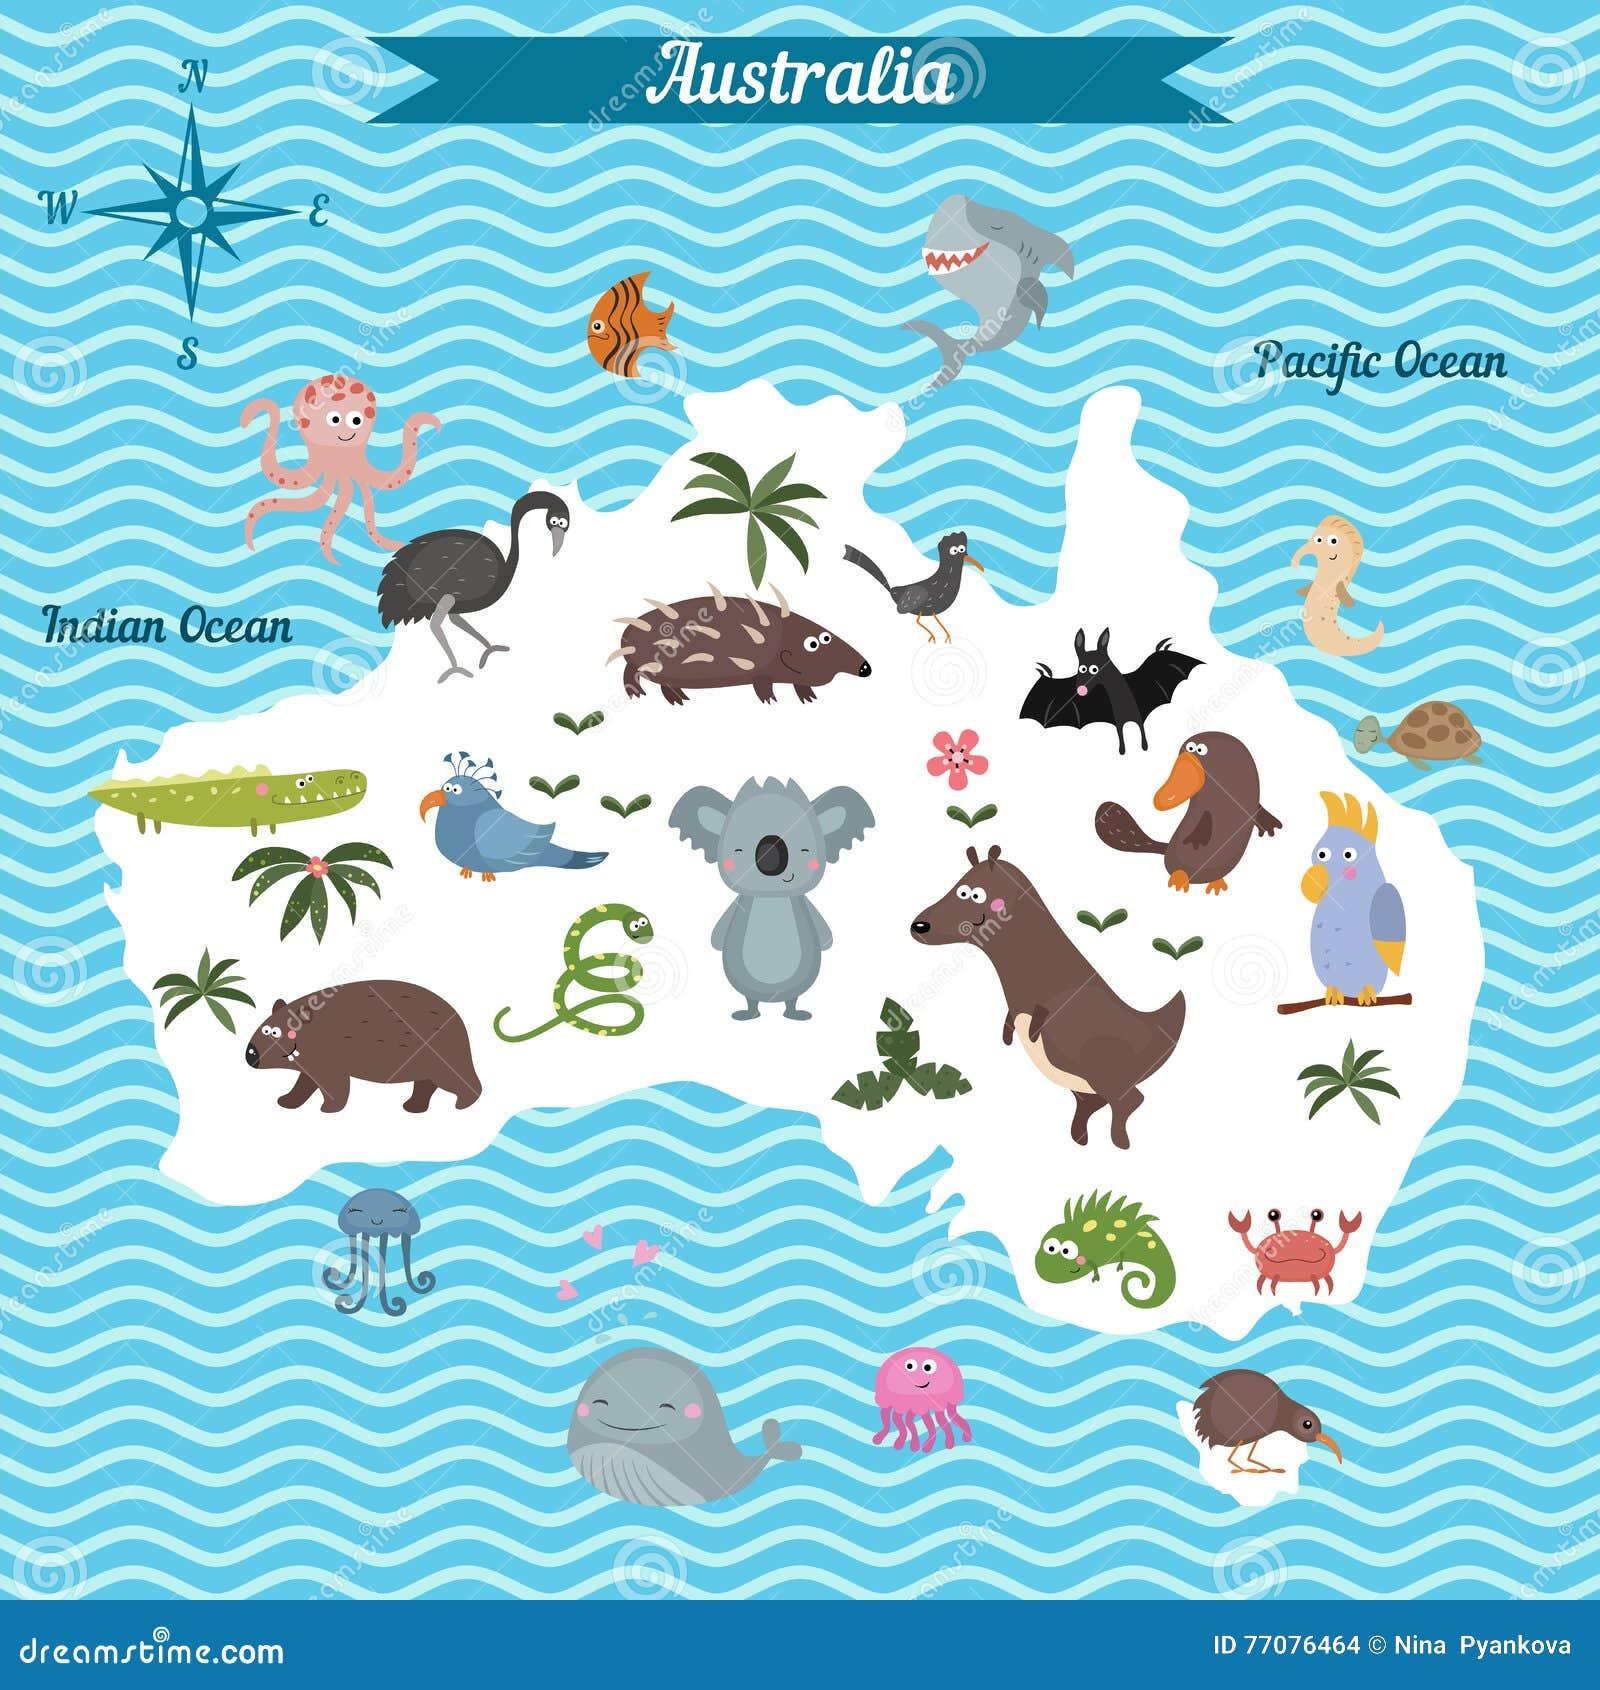 Karikaturkarte Von Australien-Kontinent Mit Verschiedenen Tieren ...